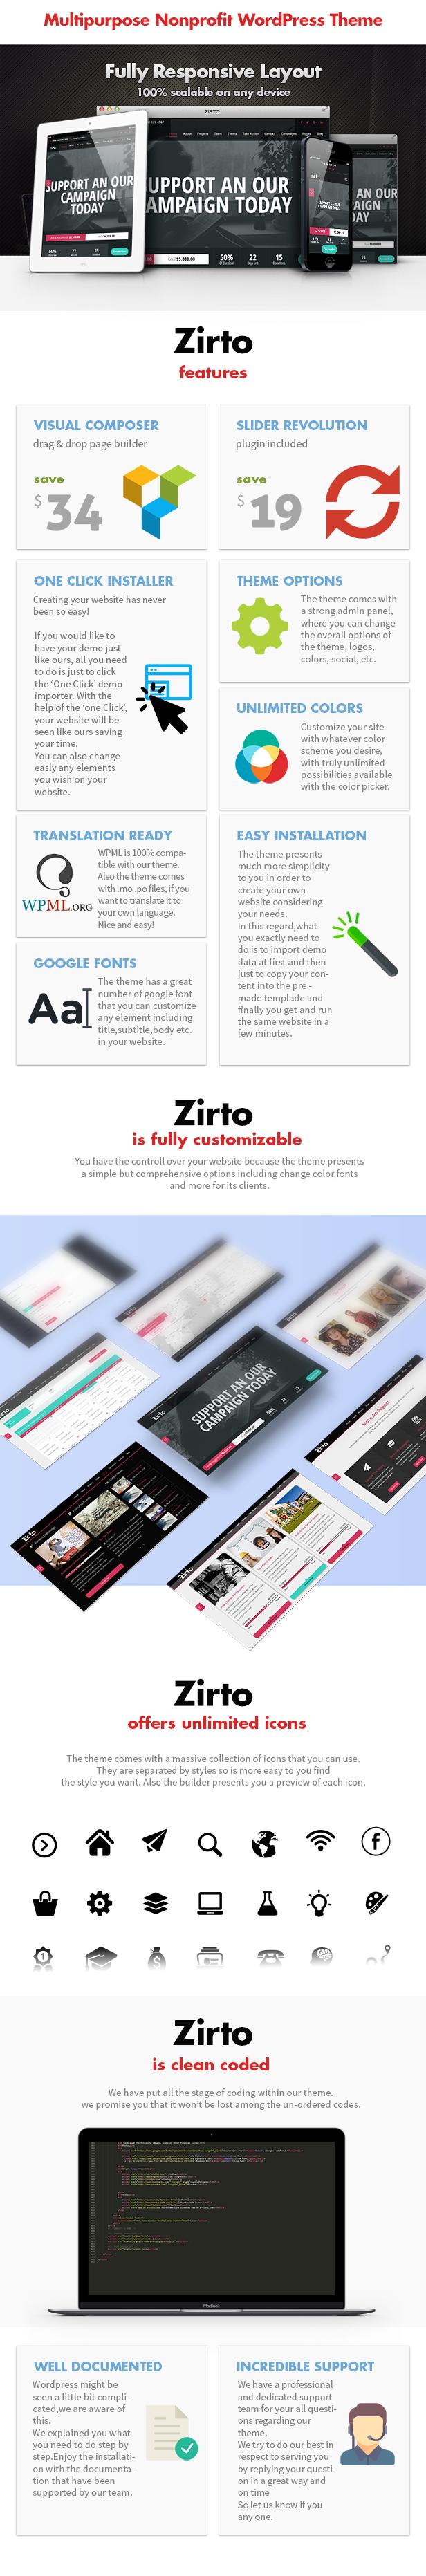 Zirto - Charity Crowdfunding Theme - 3